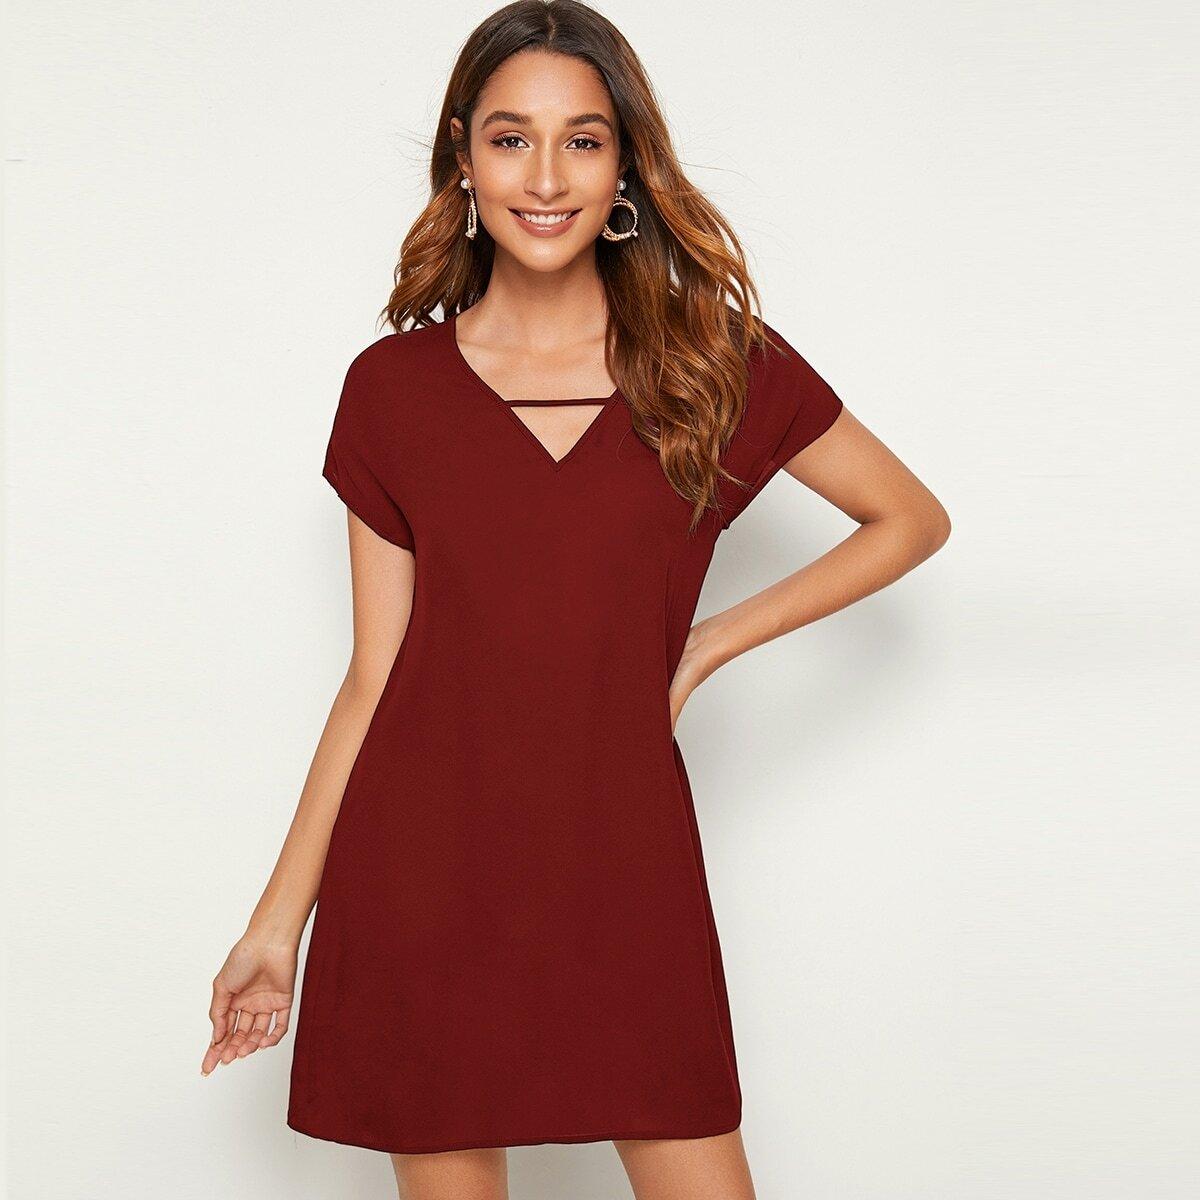 Однотонное платье с v-образным вырезом